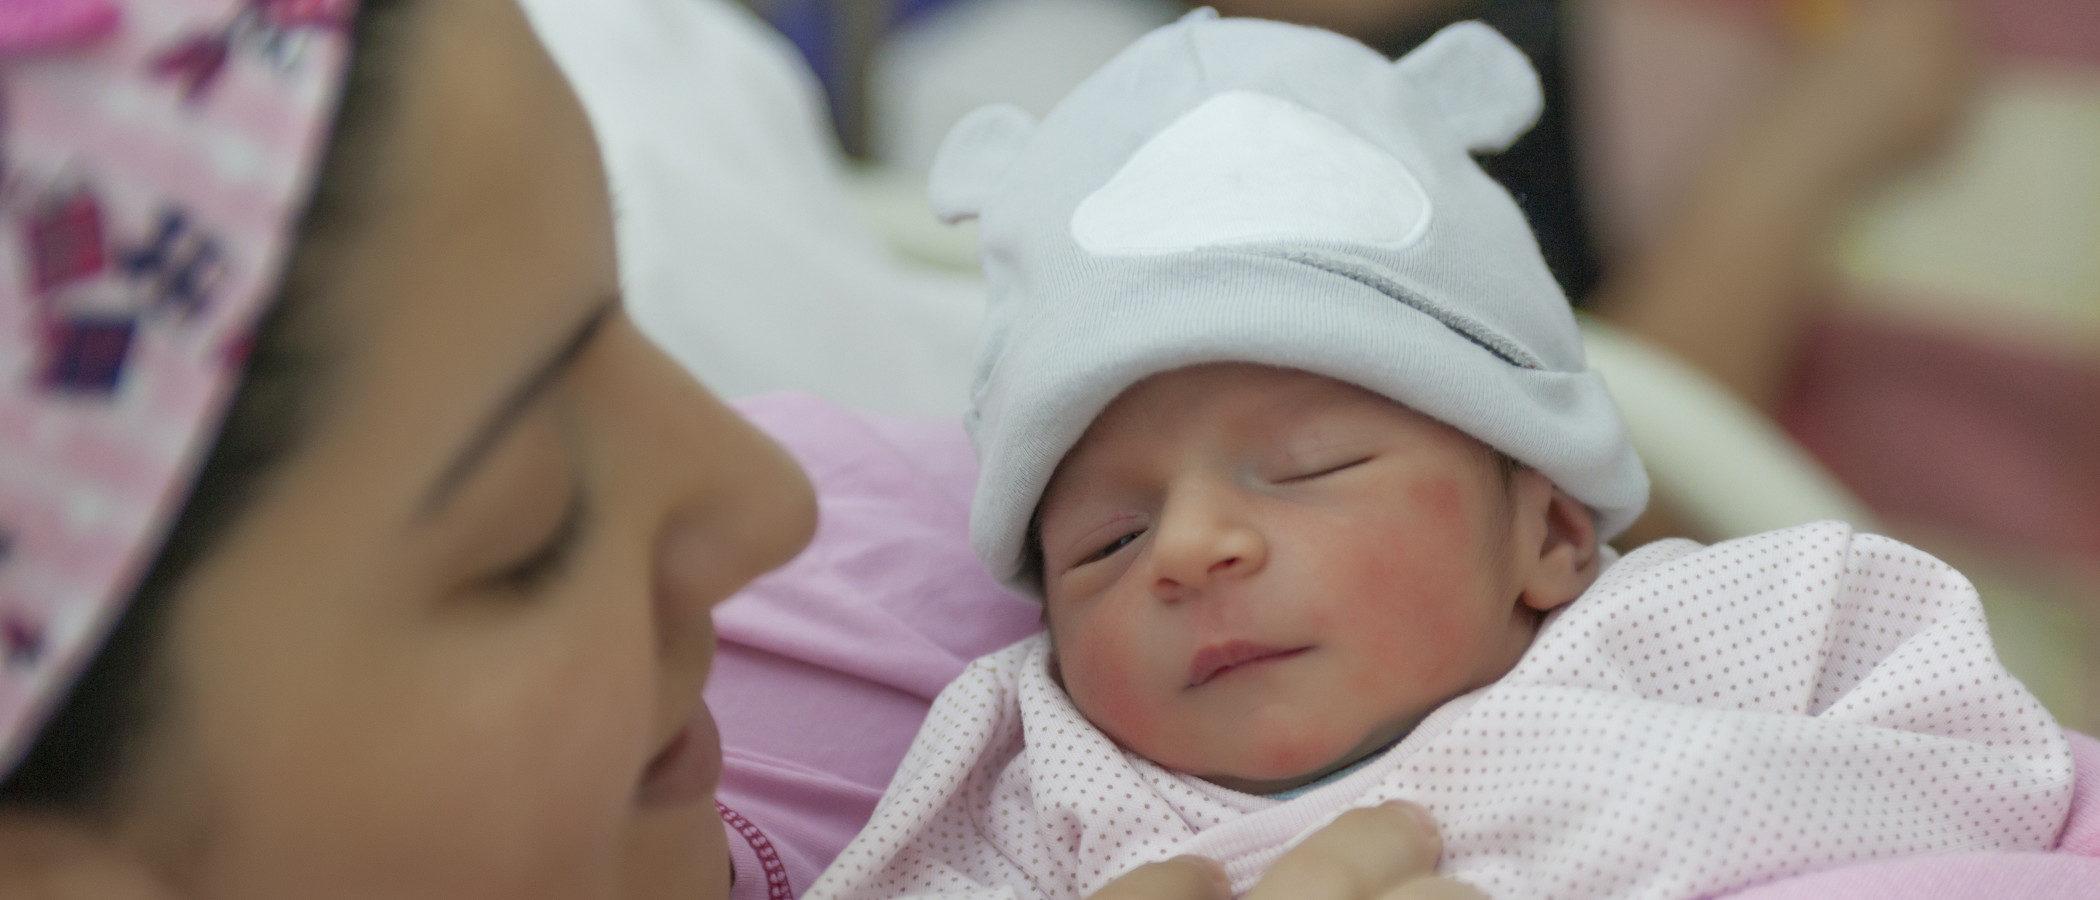 ¿Qué siente el bebé durante el parto?